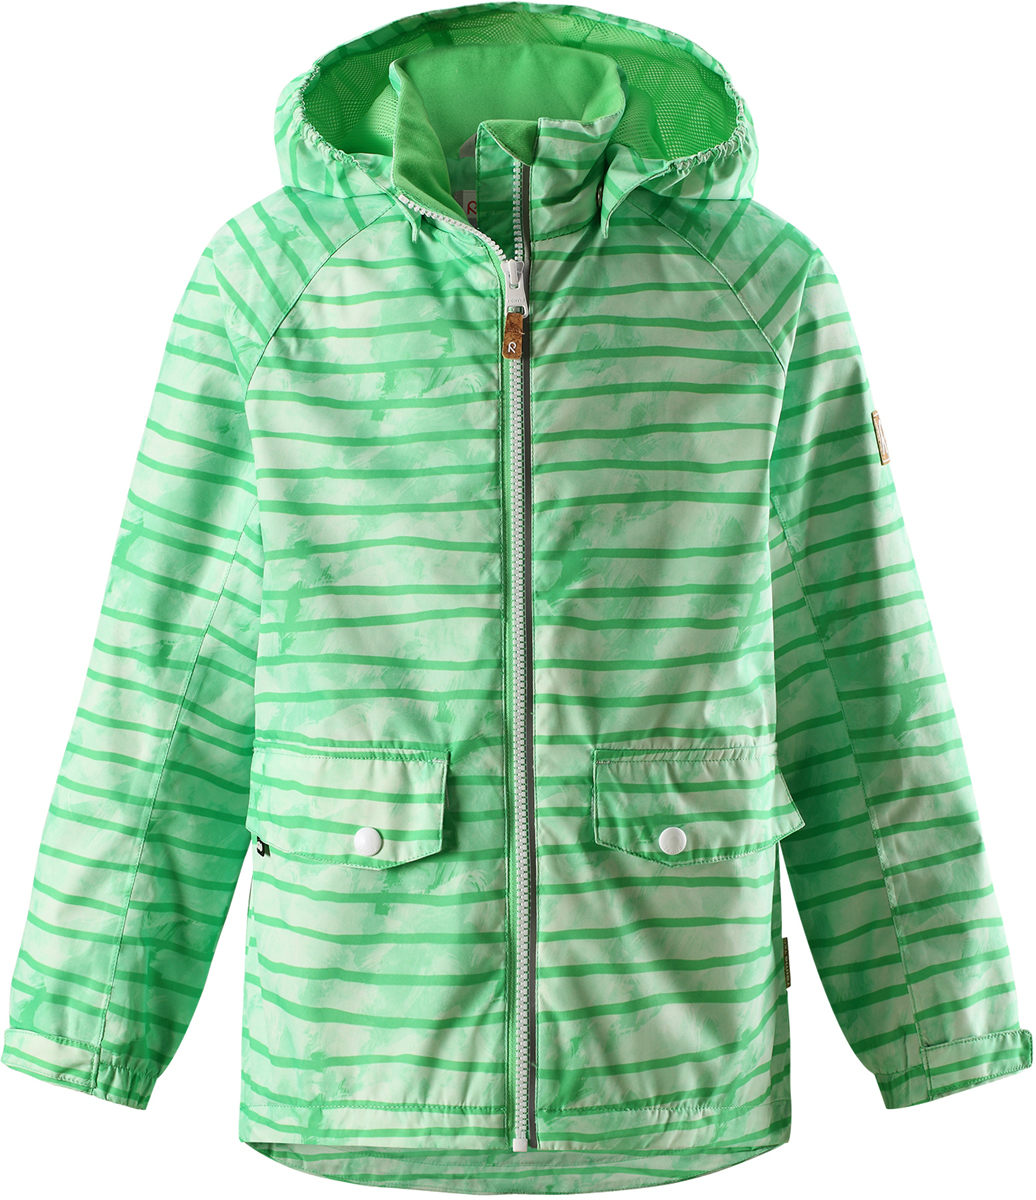 Куртка для мальчика Reima, цвет: зеленый. 5215378464. Размер 925215378464Куртка для мальчика от Reima выполнена из полиэстера с полиуретановым покрытием. Модель с воротником стойкой и съемным капюшоном застегивается на застежку-молнию. Капюшон пристегивается с помощью кнопок. Спереди расположены прорезные карманы с клапанами. Низ рукавов дополнен хлястиками на липучках.